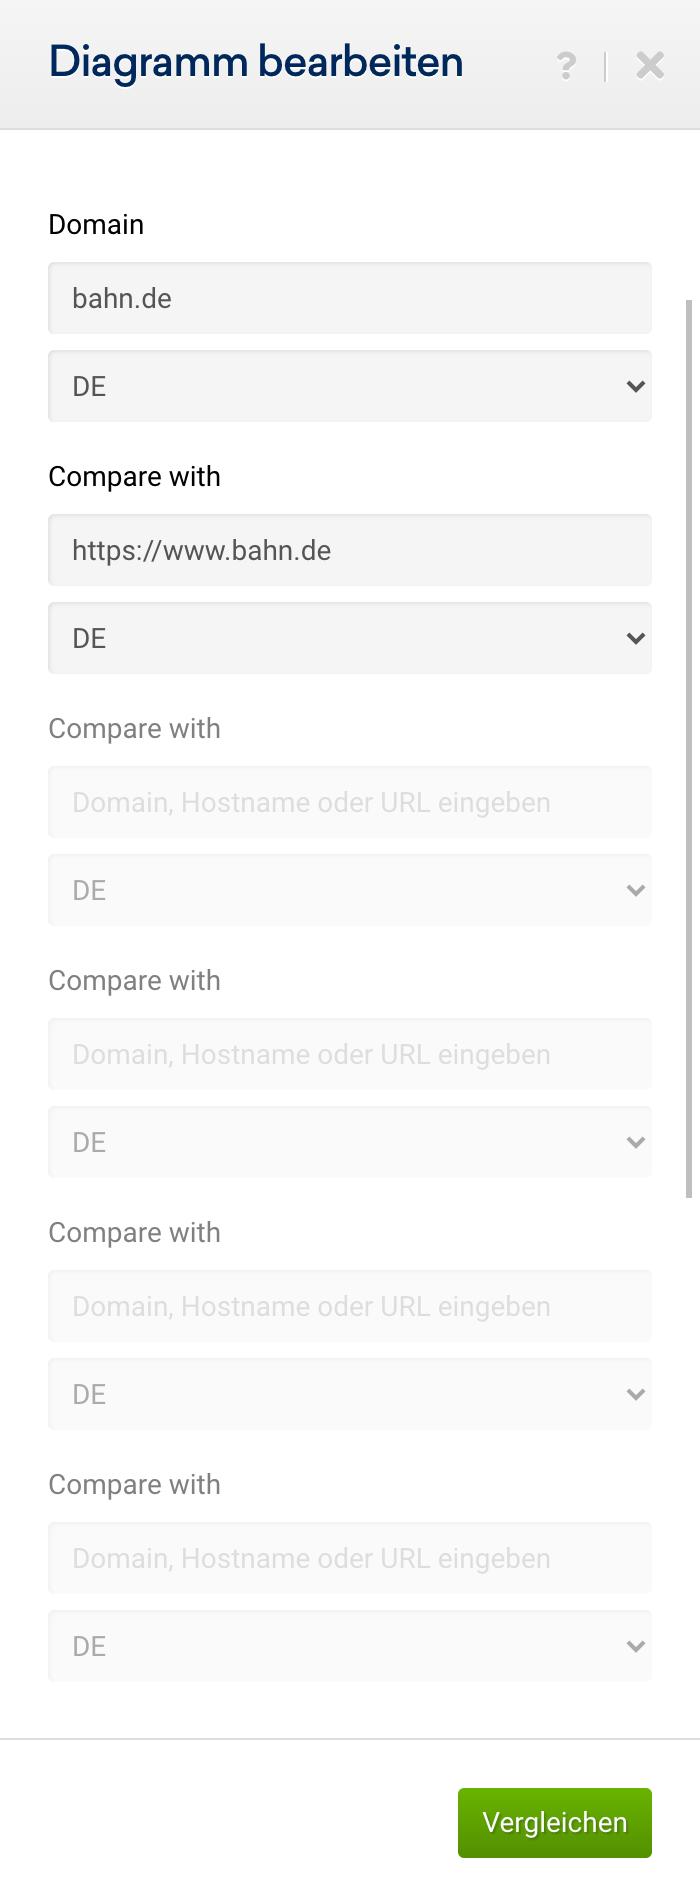 Diagramm vergleichen Auswahlbildschirm mit http://www.bahn.de/ und https://www.bahn.de/ eingetragen.